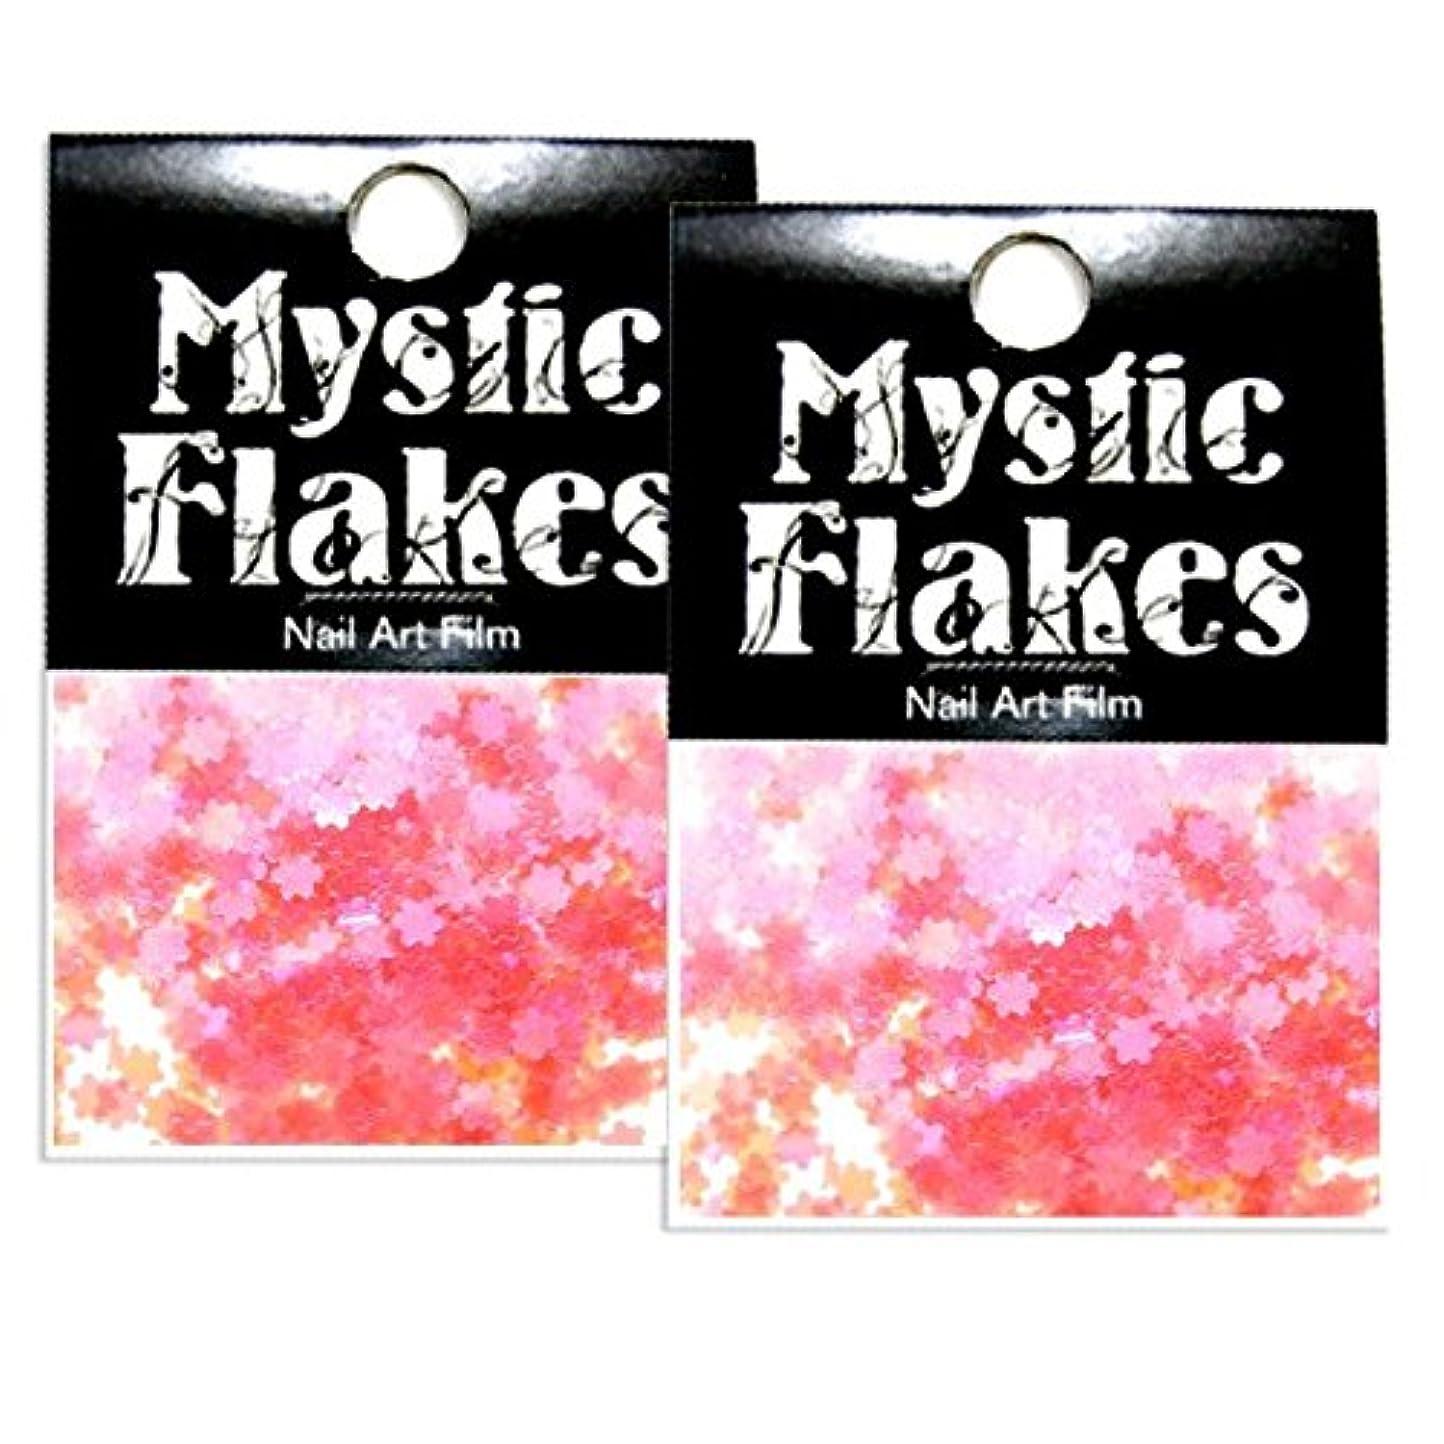 離れた原告鎮静剤ミスティックフレース ネイル用ストーン ルミネピンク フラワー 0.5g 2個セット